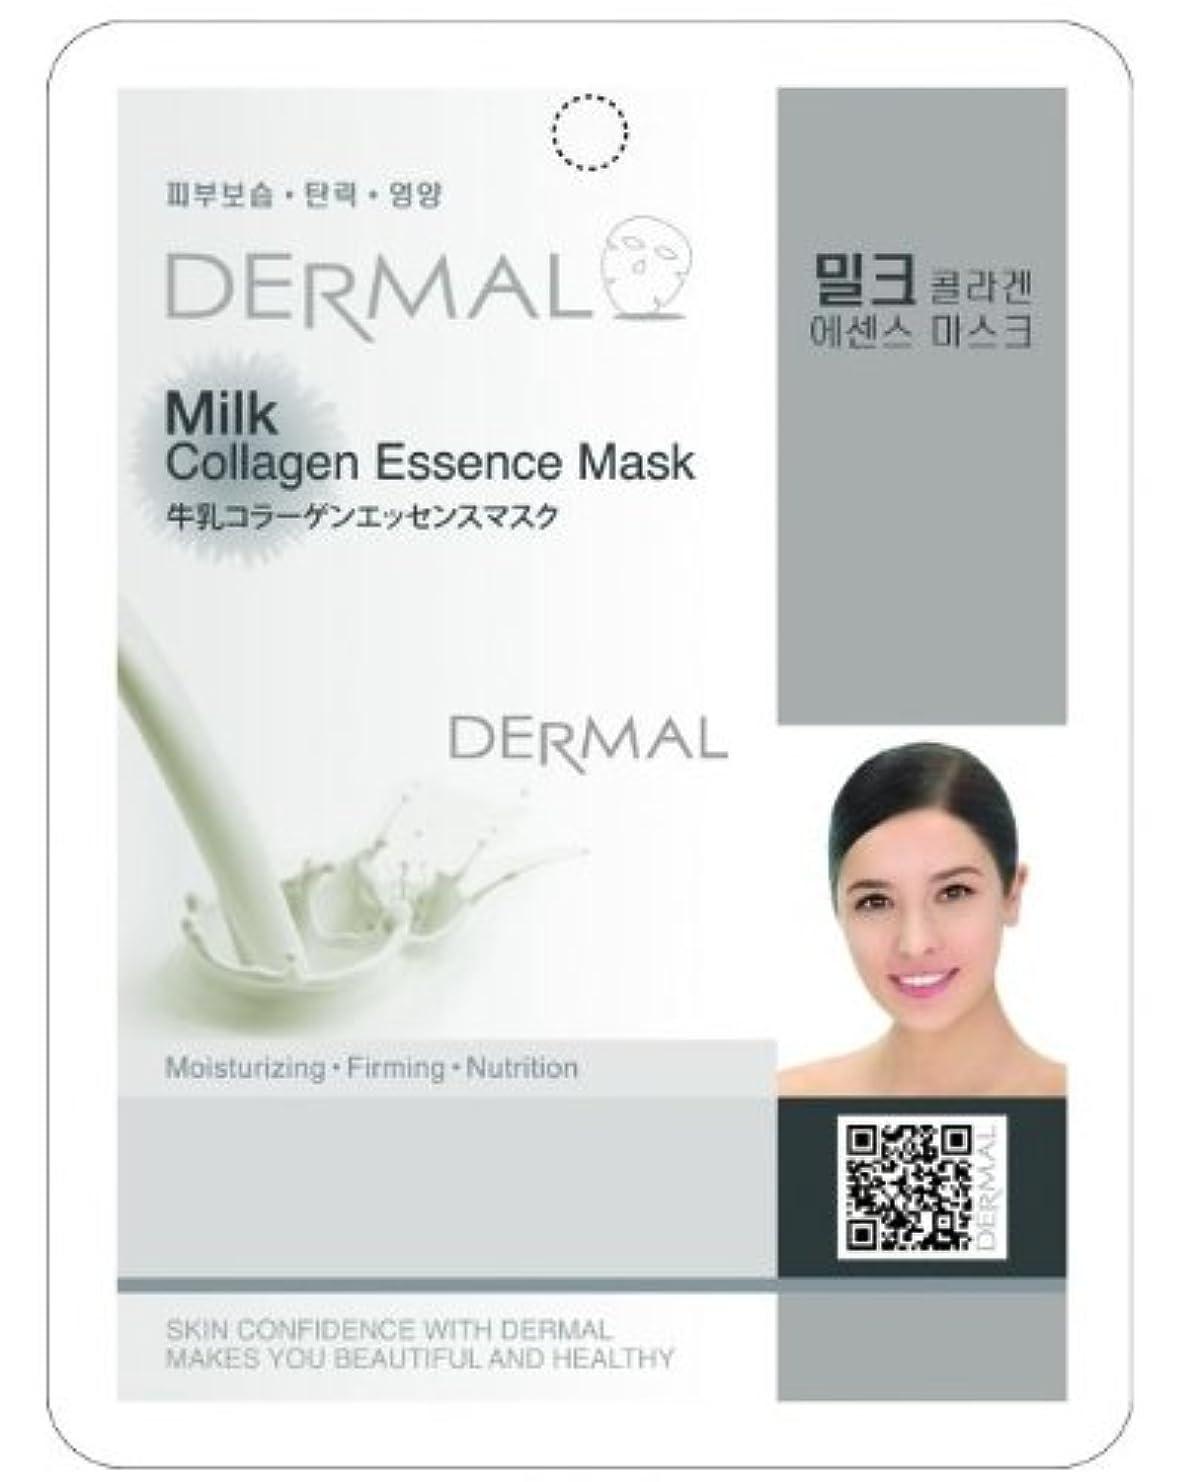 散る専門知識に対してミルクシートマスク(フェイスパック) 100枚セット ダーマル(Dermal)